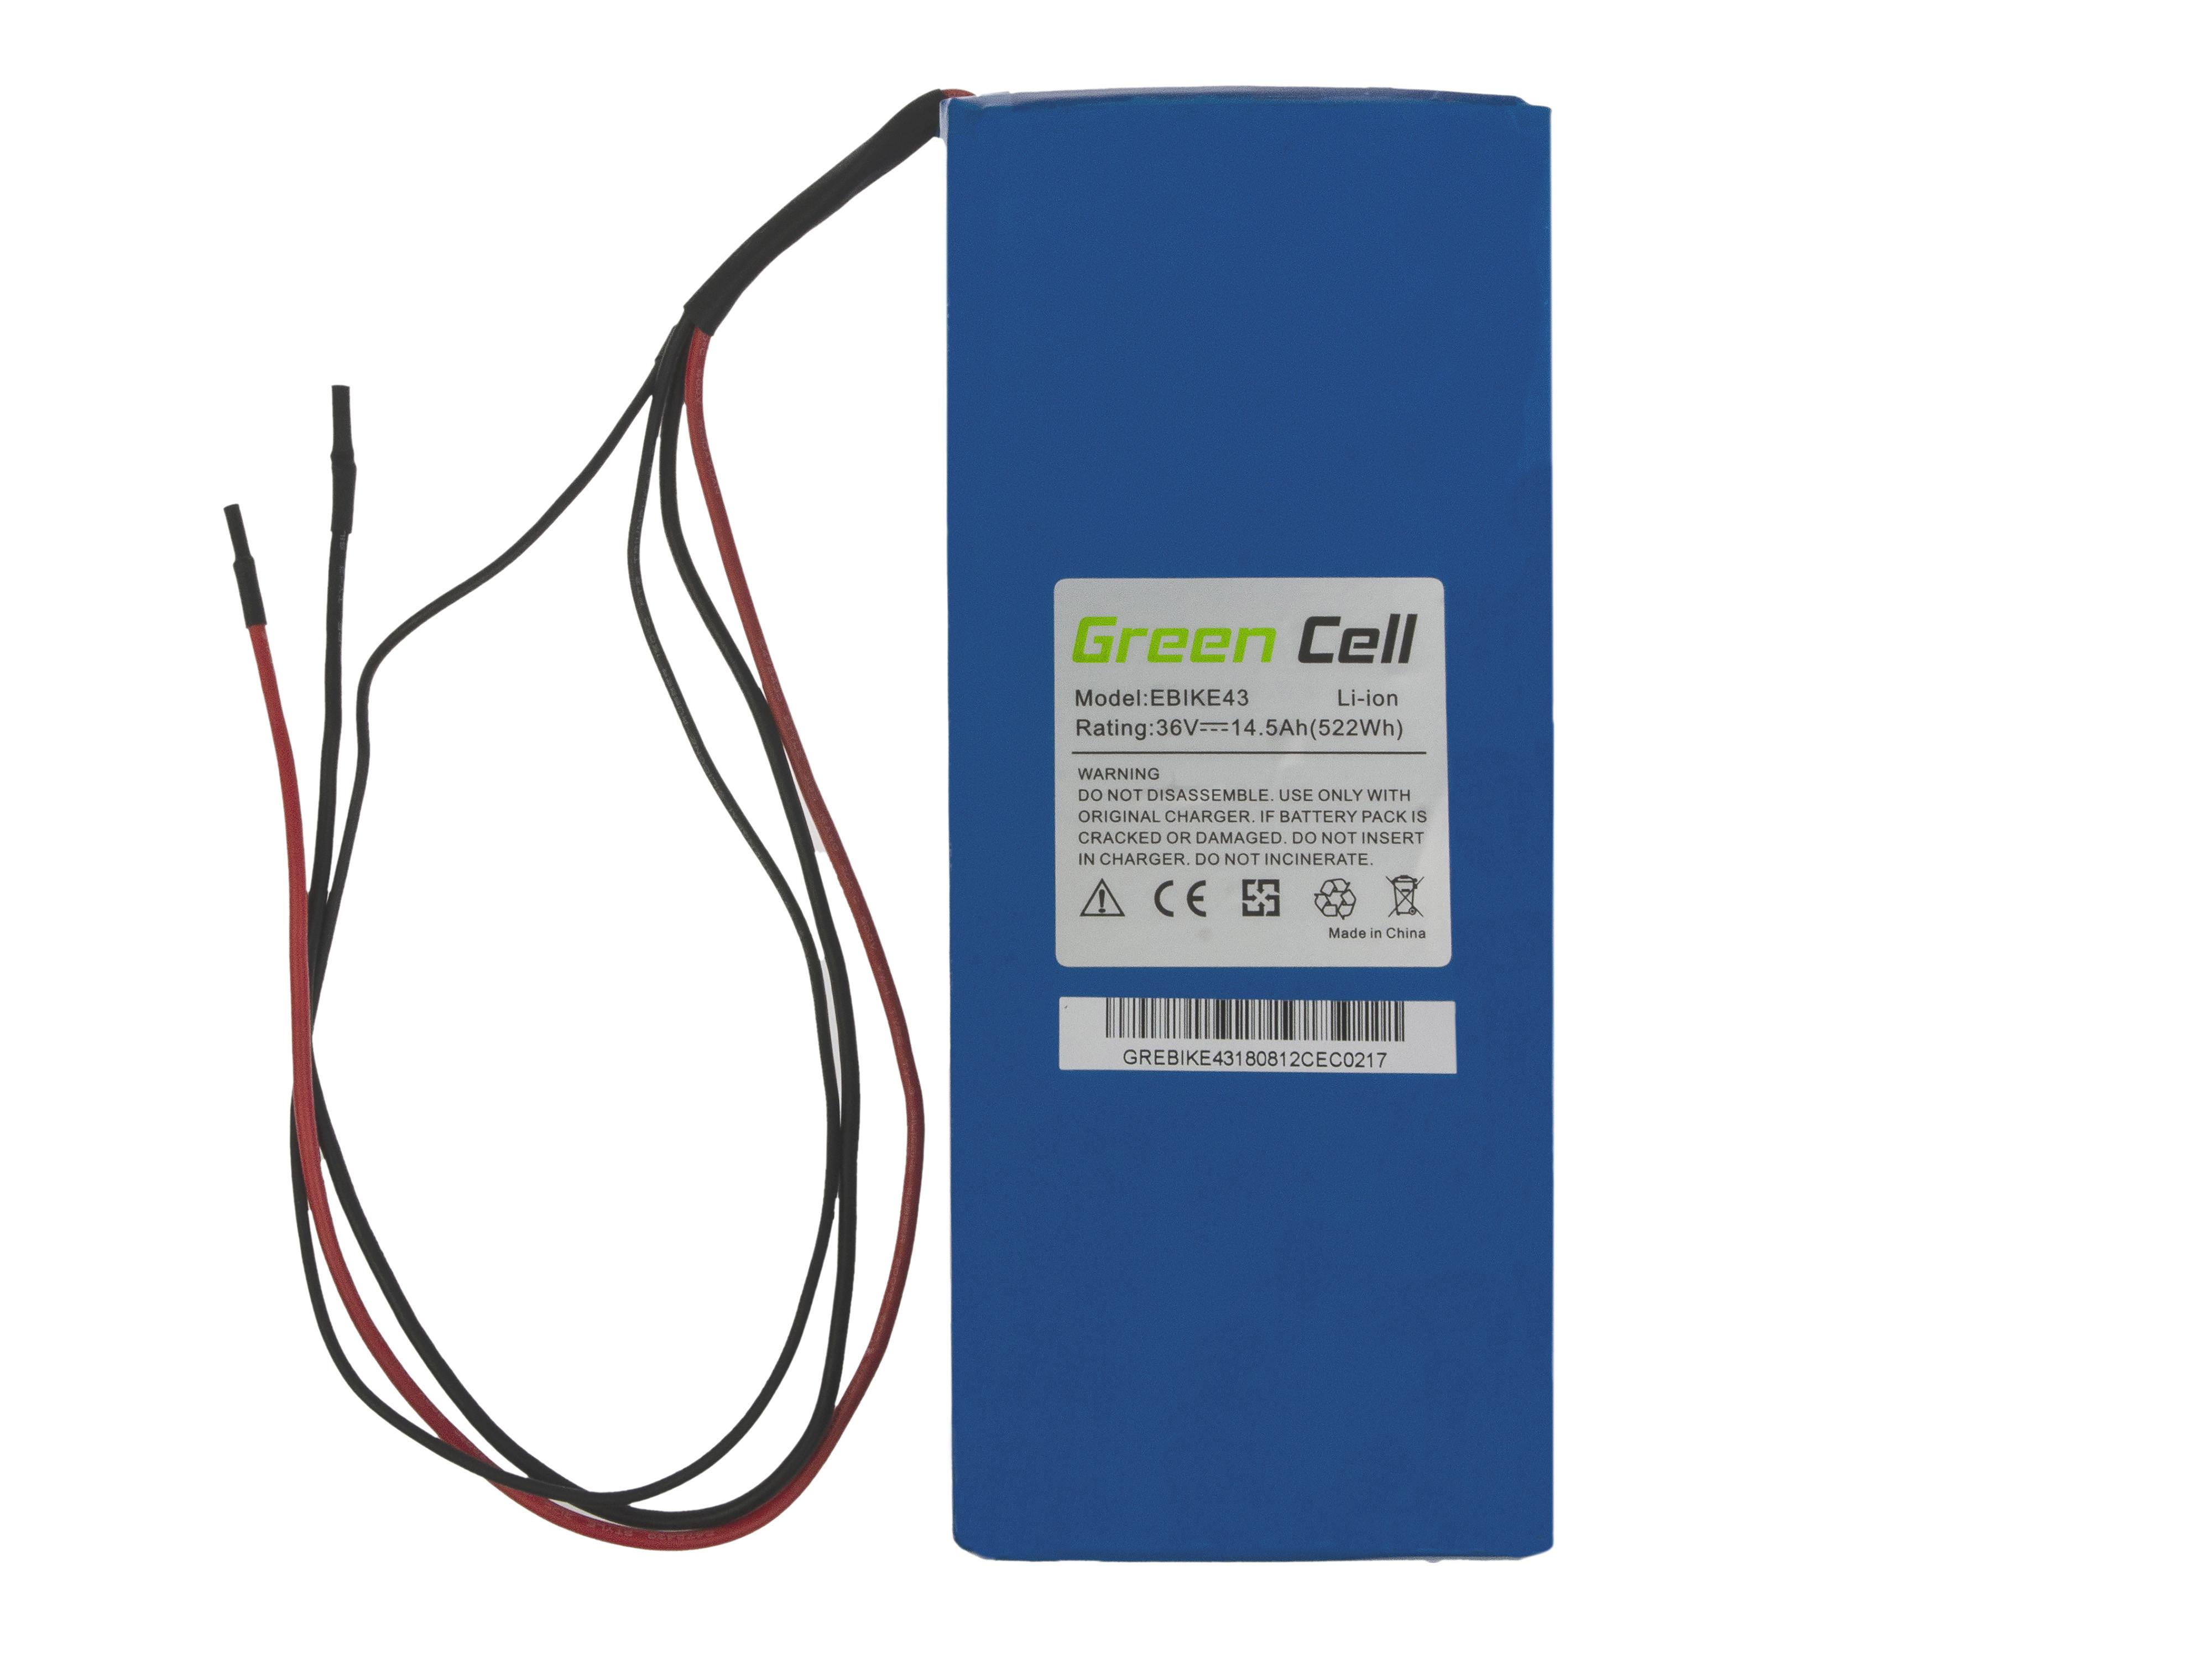 Green Cell eBike Baterie Battery Pack 36V 14,5Ah 522Wh E-Bike Pedelec